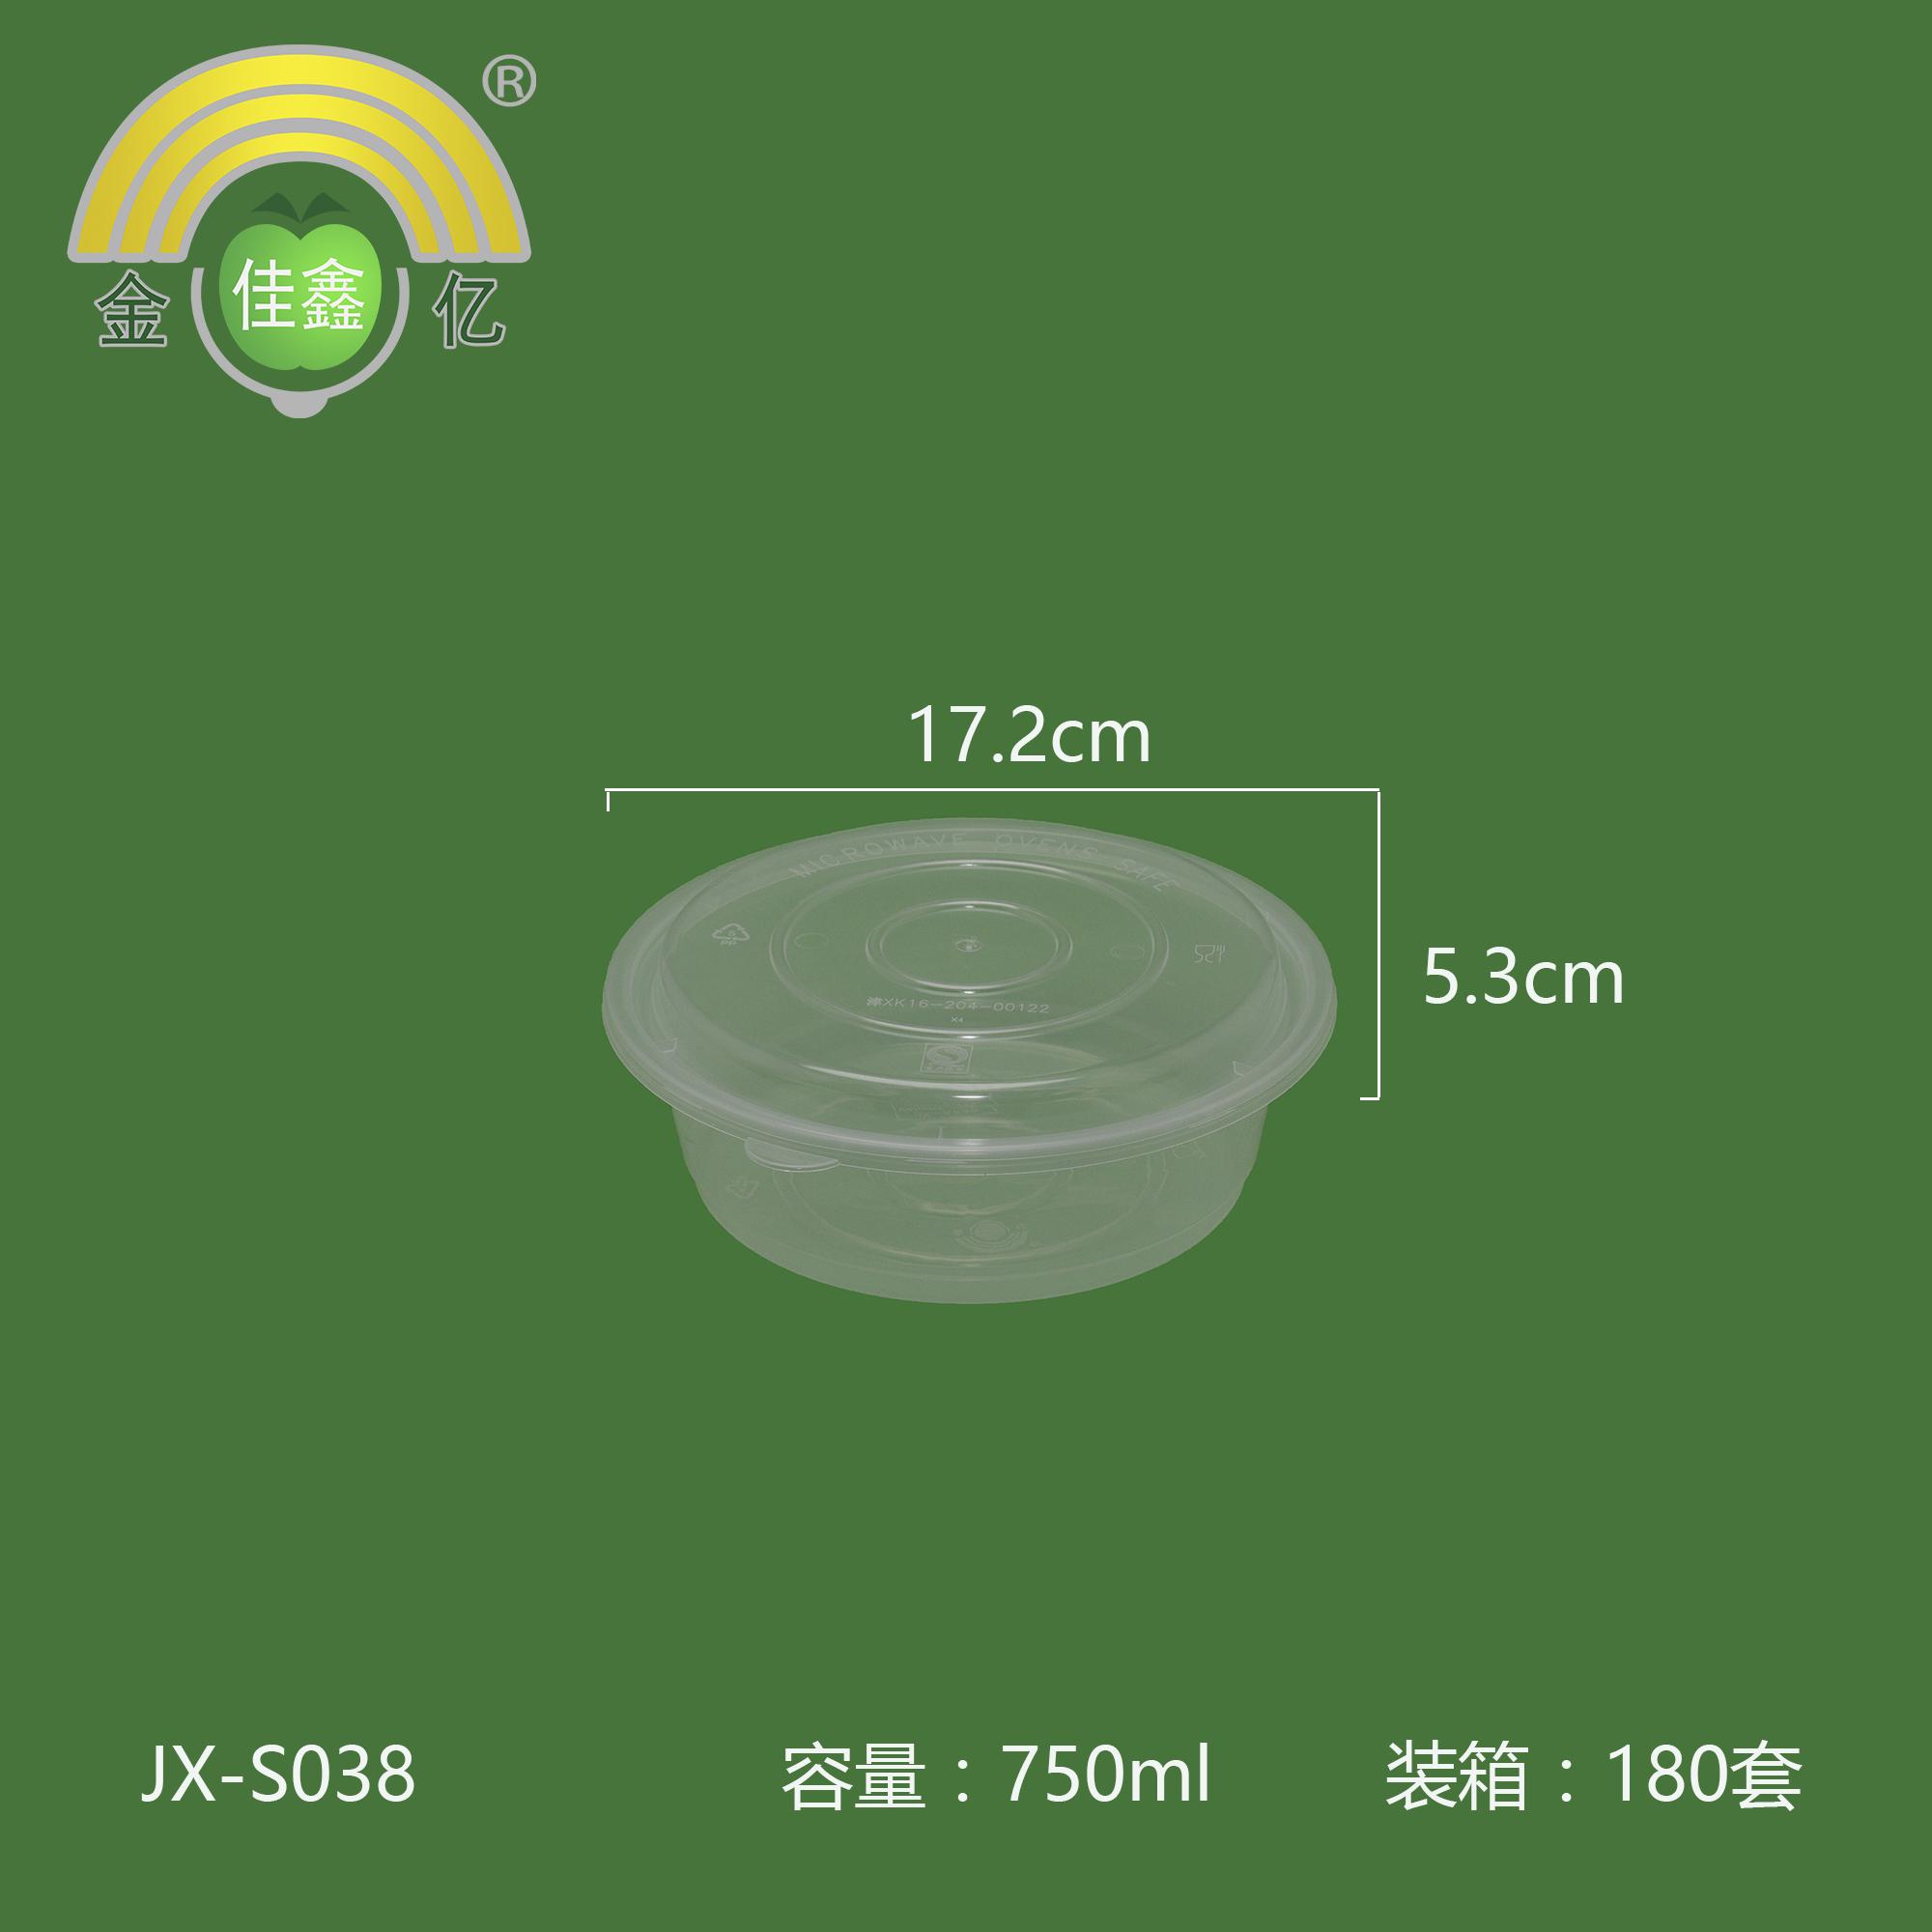 金亿佳鑫  高盖大圆碗  JX-S038